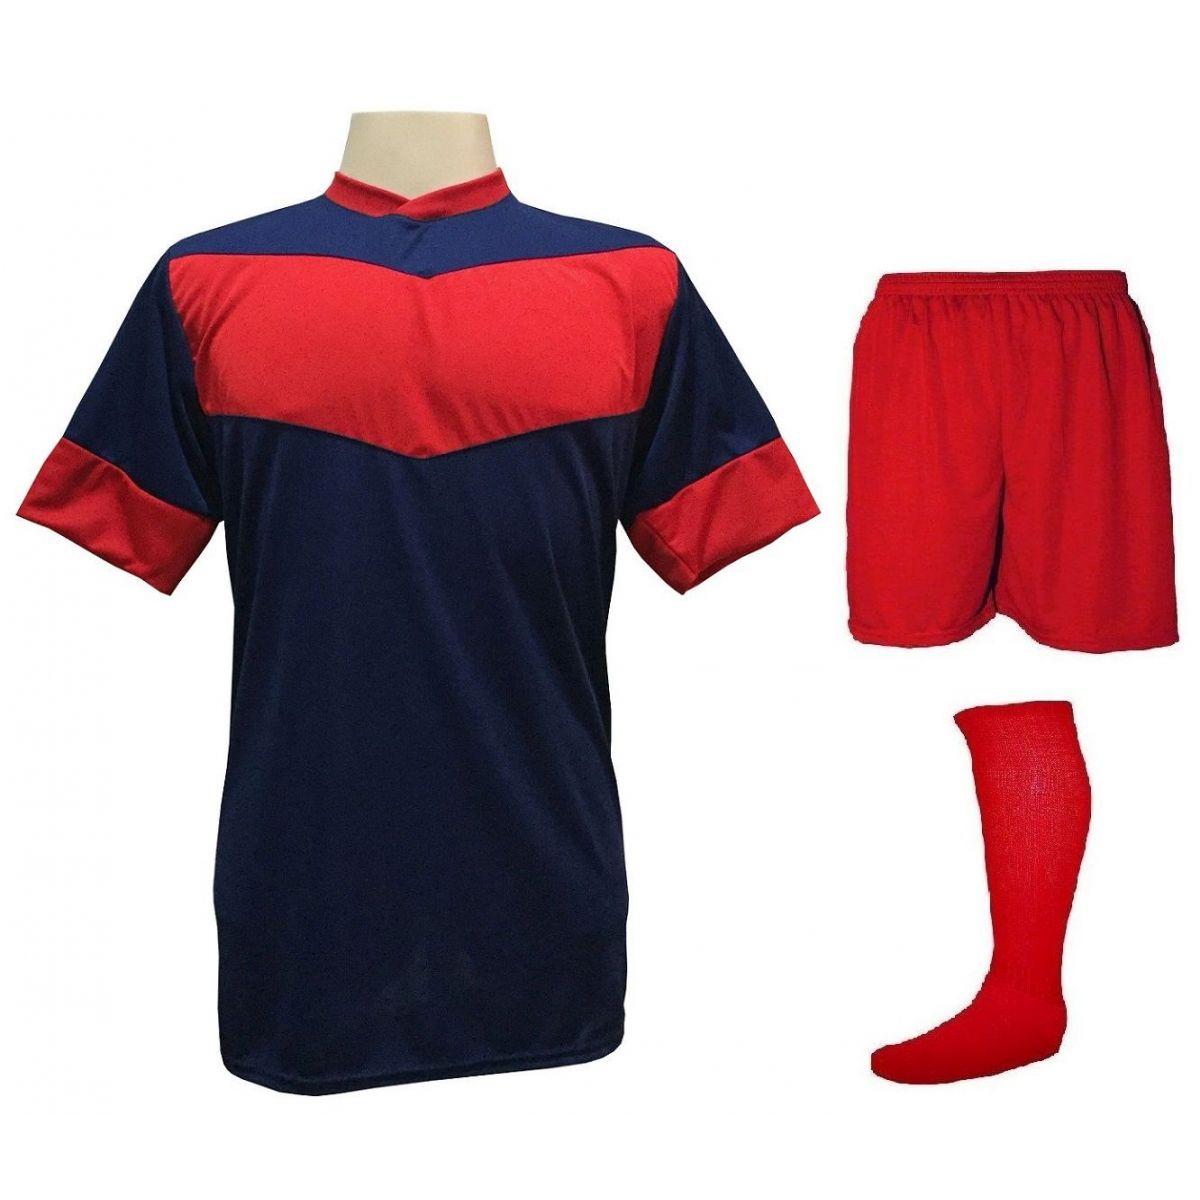 Fardamento Completo Modelo Columbus 18+1 (18 Camisas Marinho/Vermelho + 18 Calções Madrid Vermelho + 18 Pares de Meiões Vermelhos + 1 Conjunto de Goleiro) + Brindes